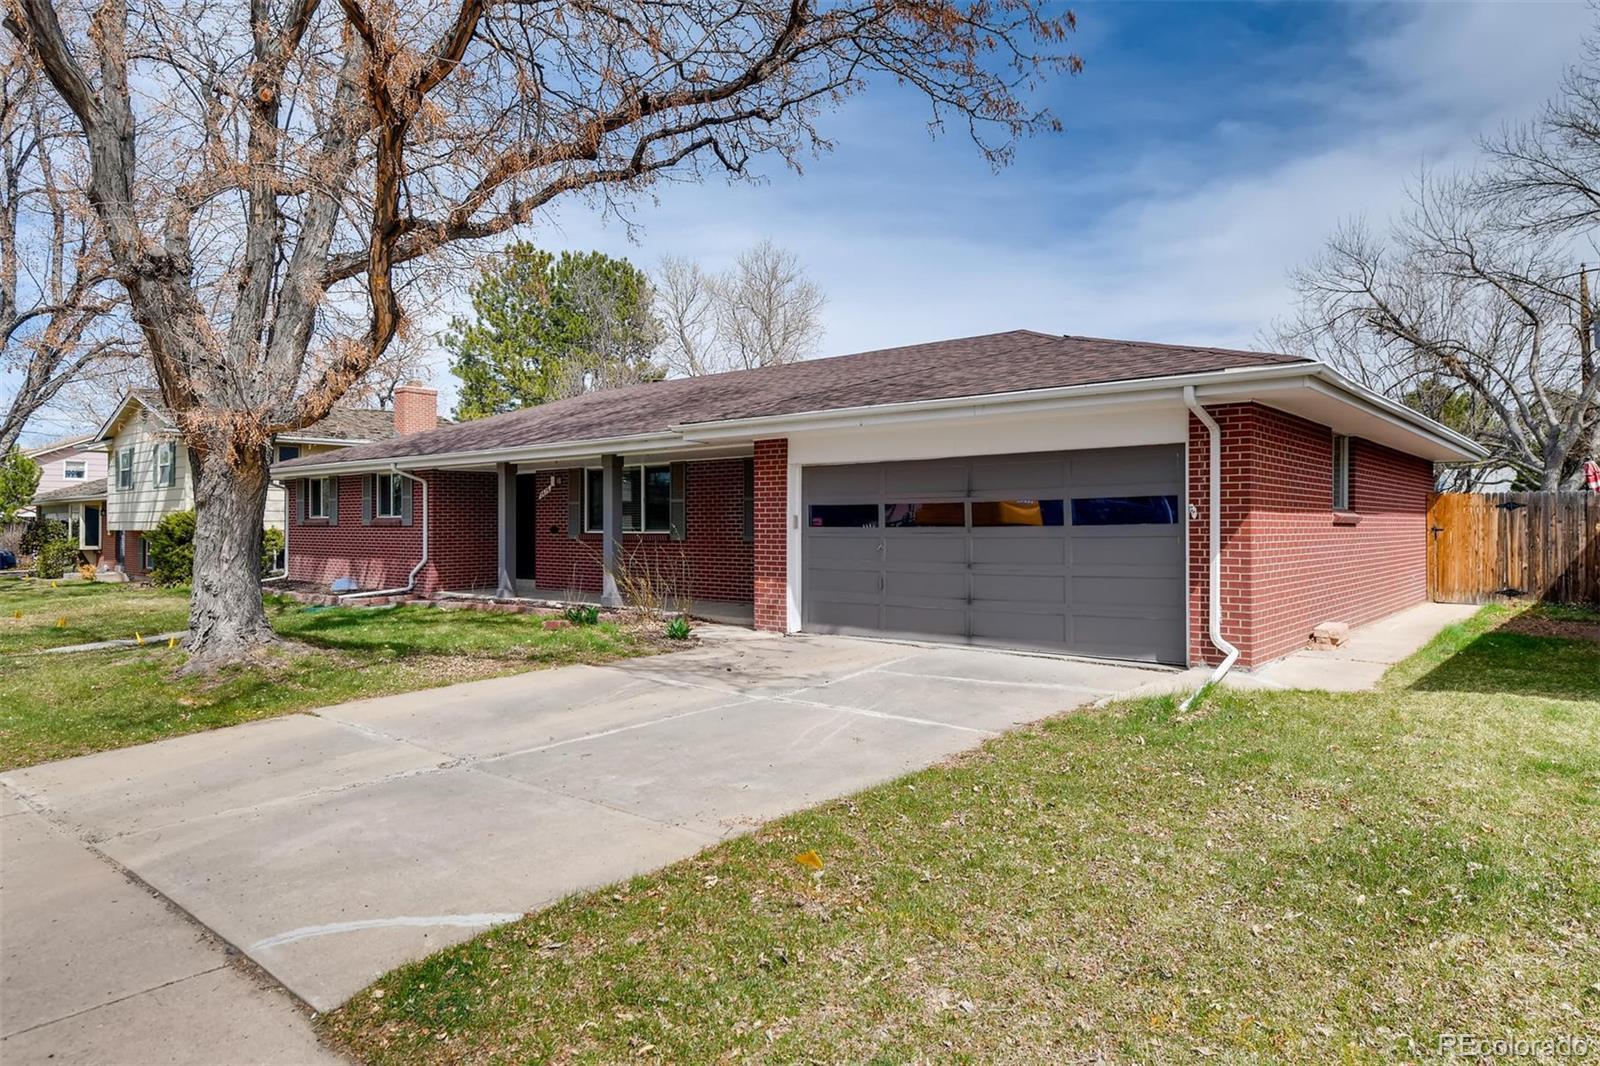 2676 S Leyden Street Property Photo - Denver, CO real estate listing